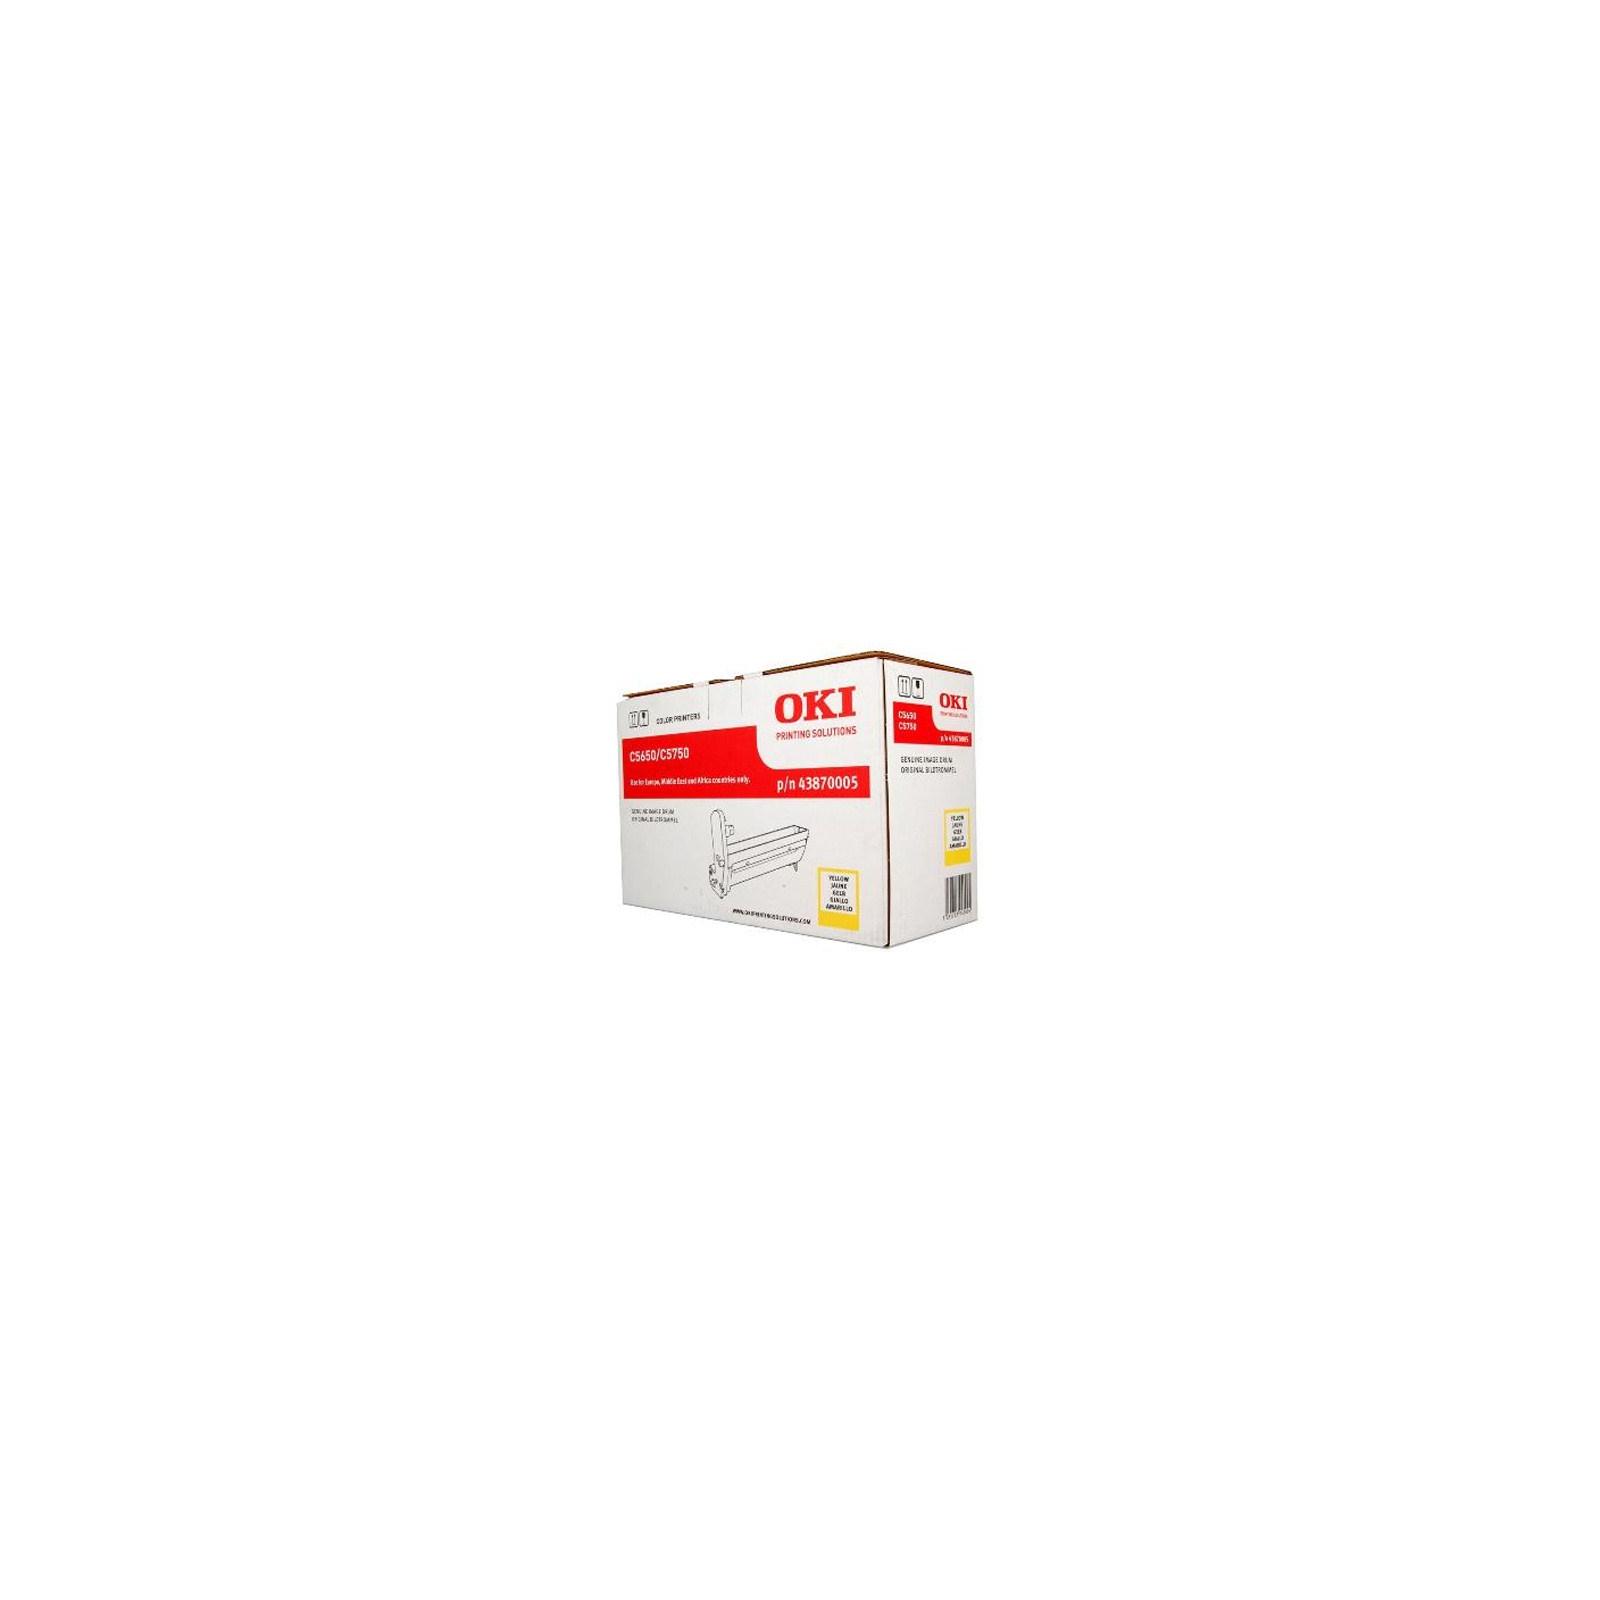 Фотокондуктор OKI C5650/5750 Yellow (43870005)